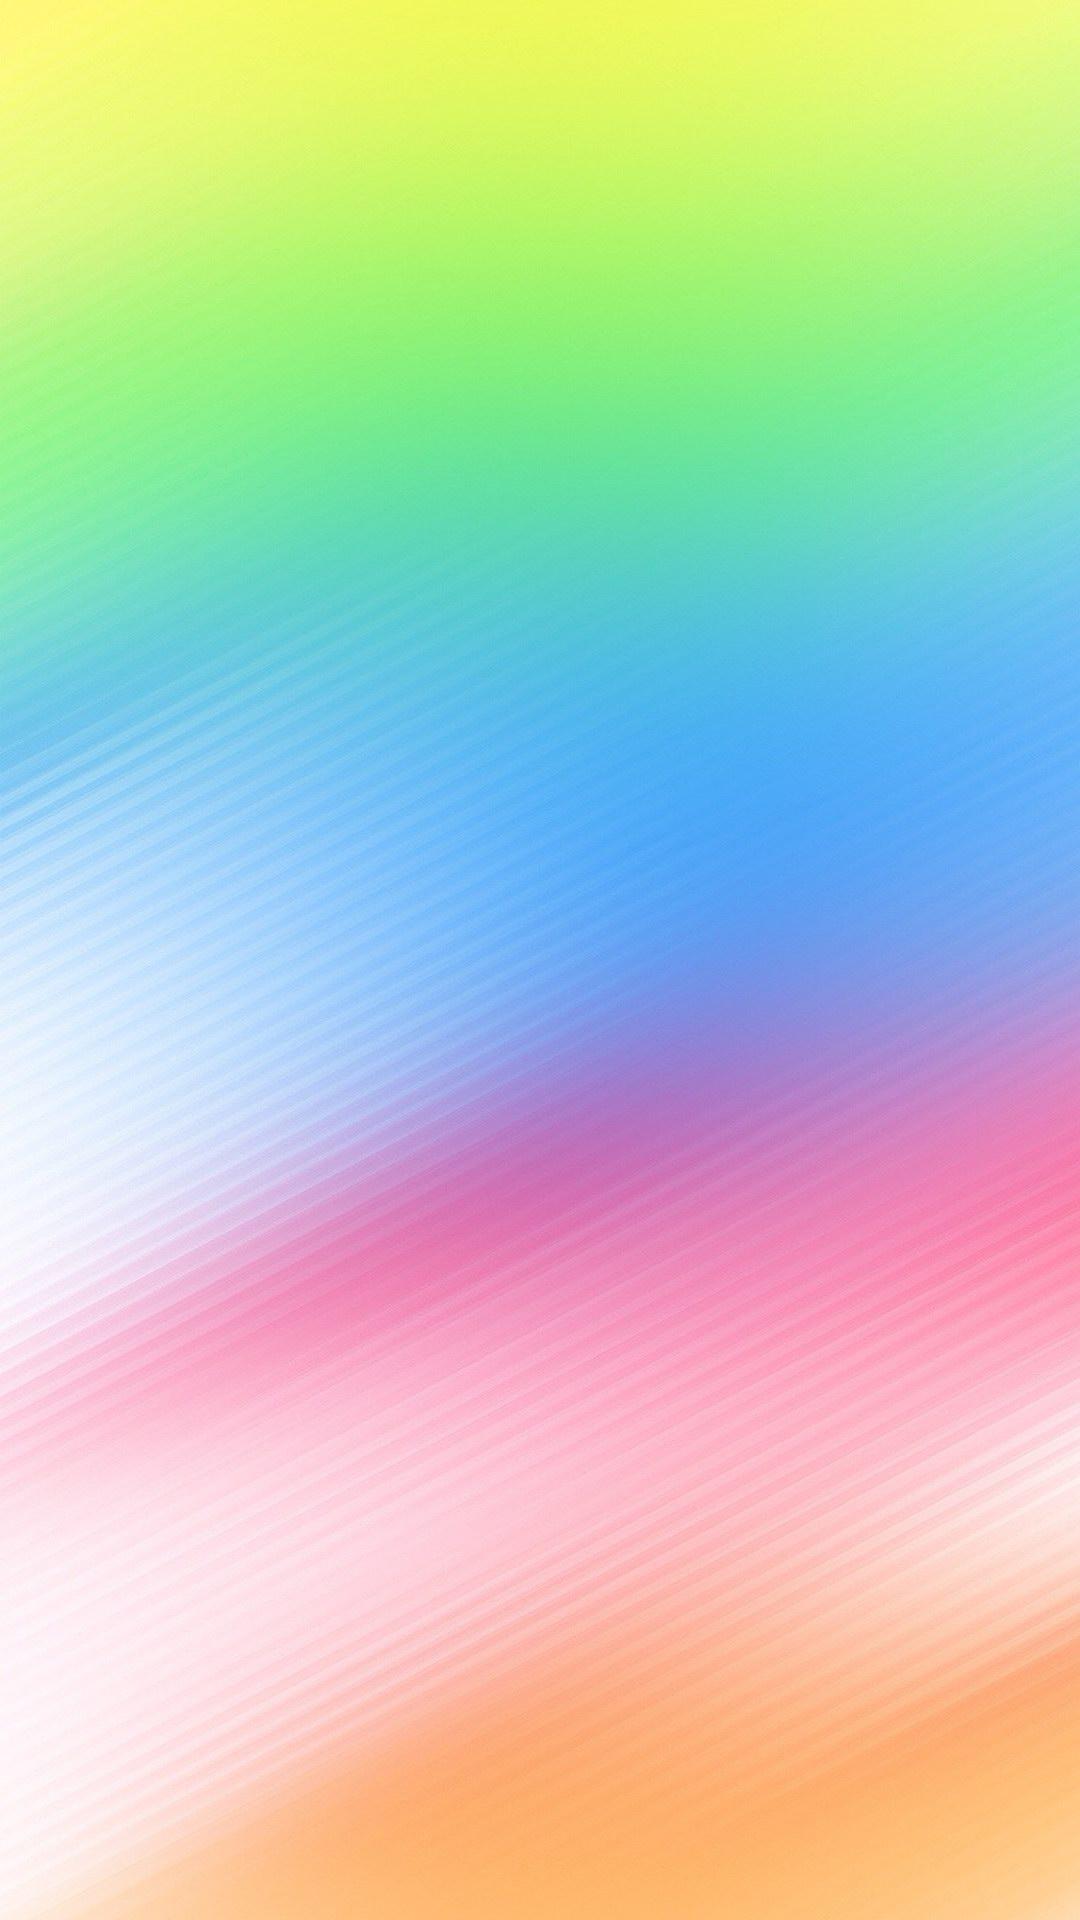 7 Color Pastel Gradient